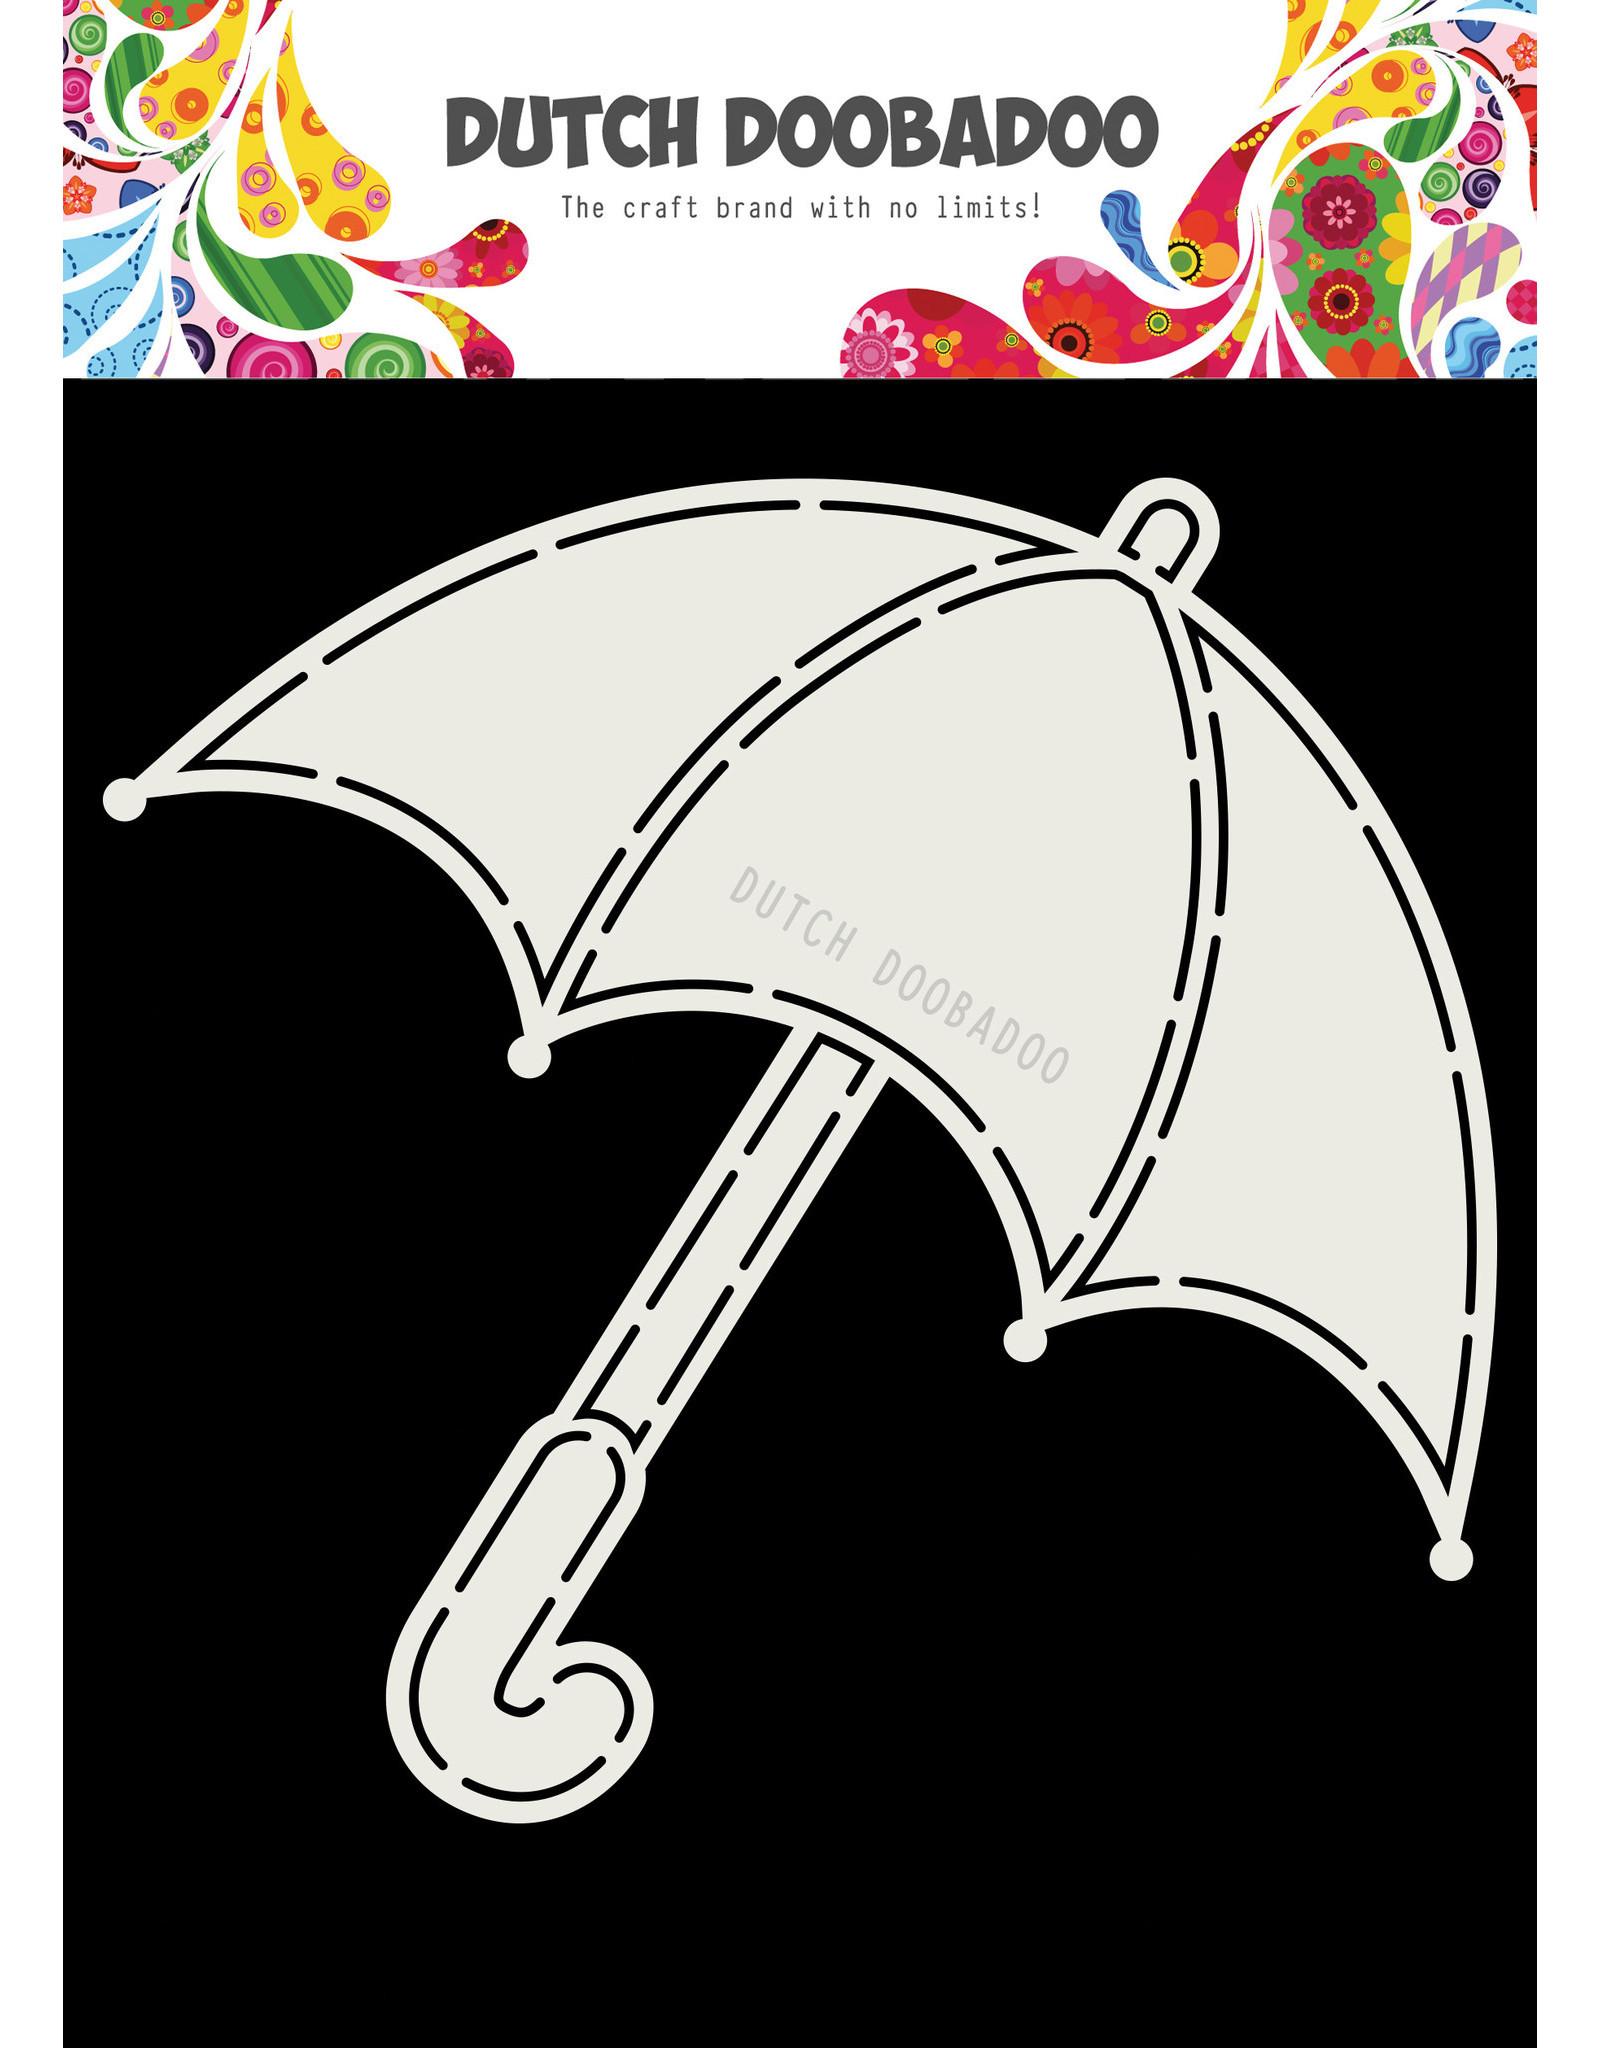 Dutch Doobadoo Dutch Card Art A5 Umbrella